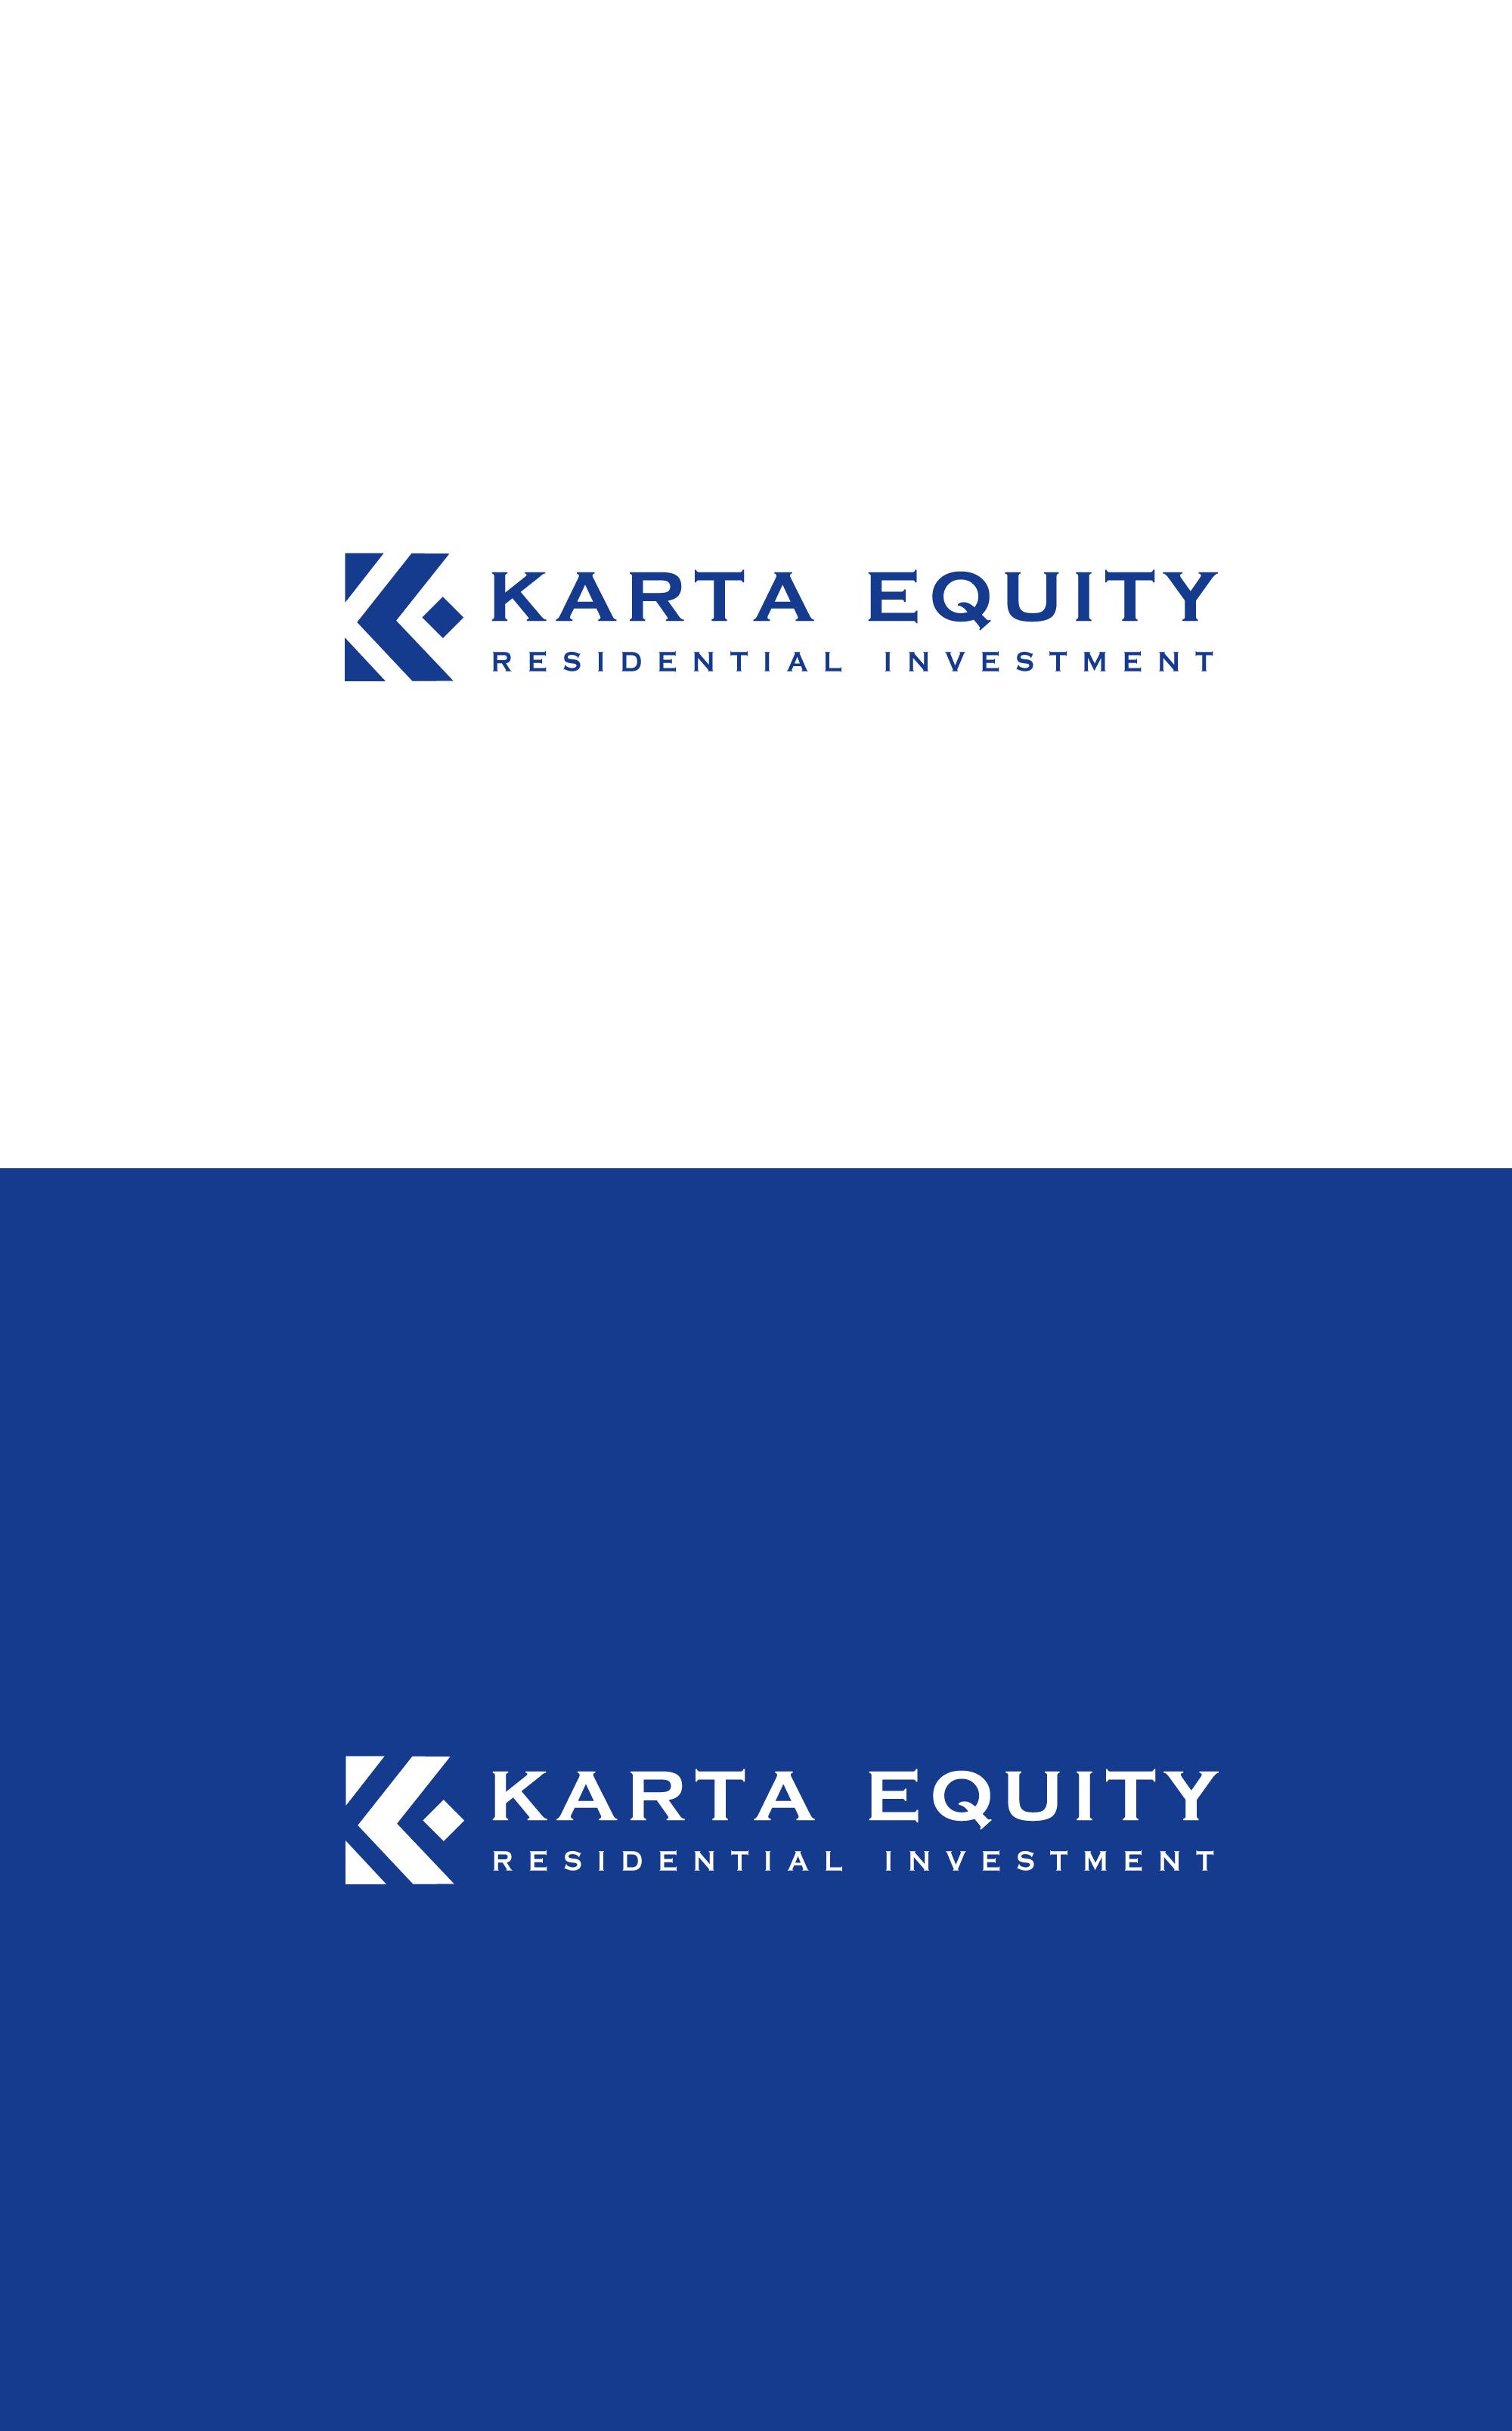 Логотип для компании инвестироваюшей в жилую недвижимость фото f_9985e127747e68a1.jpg